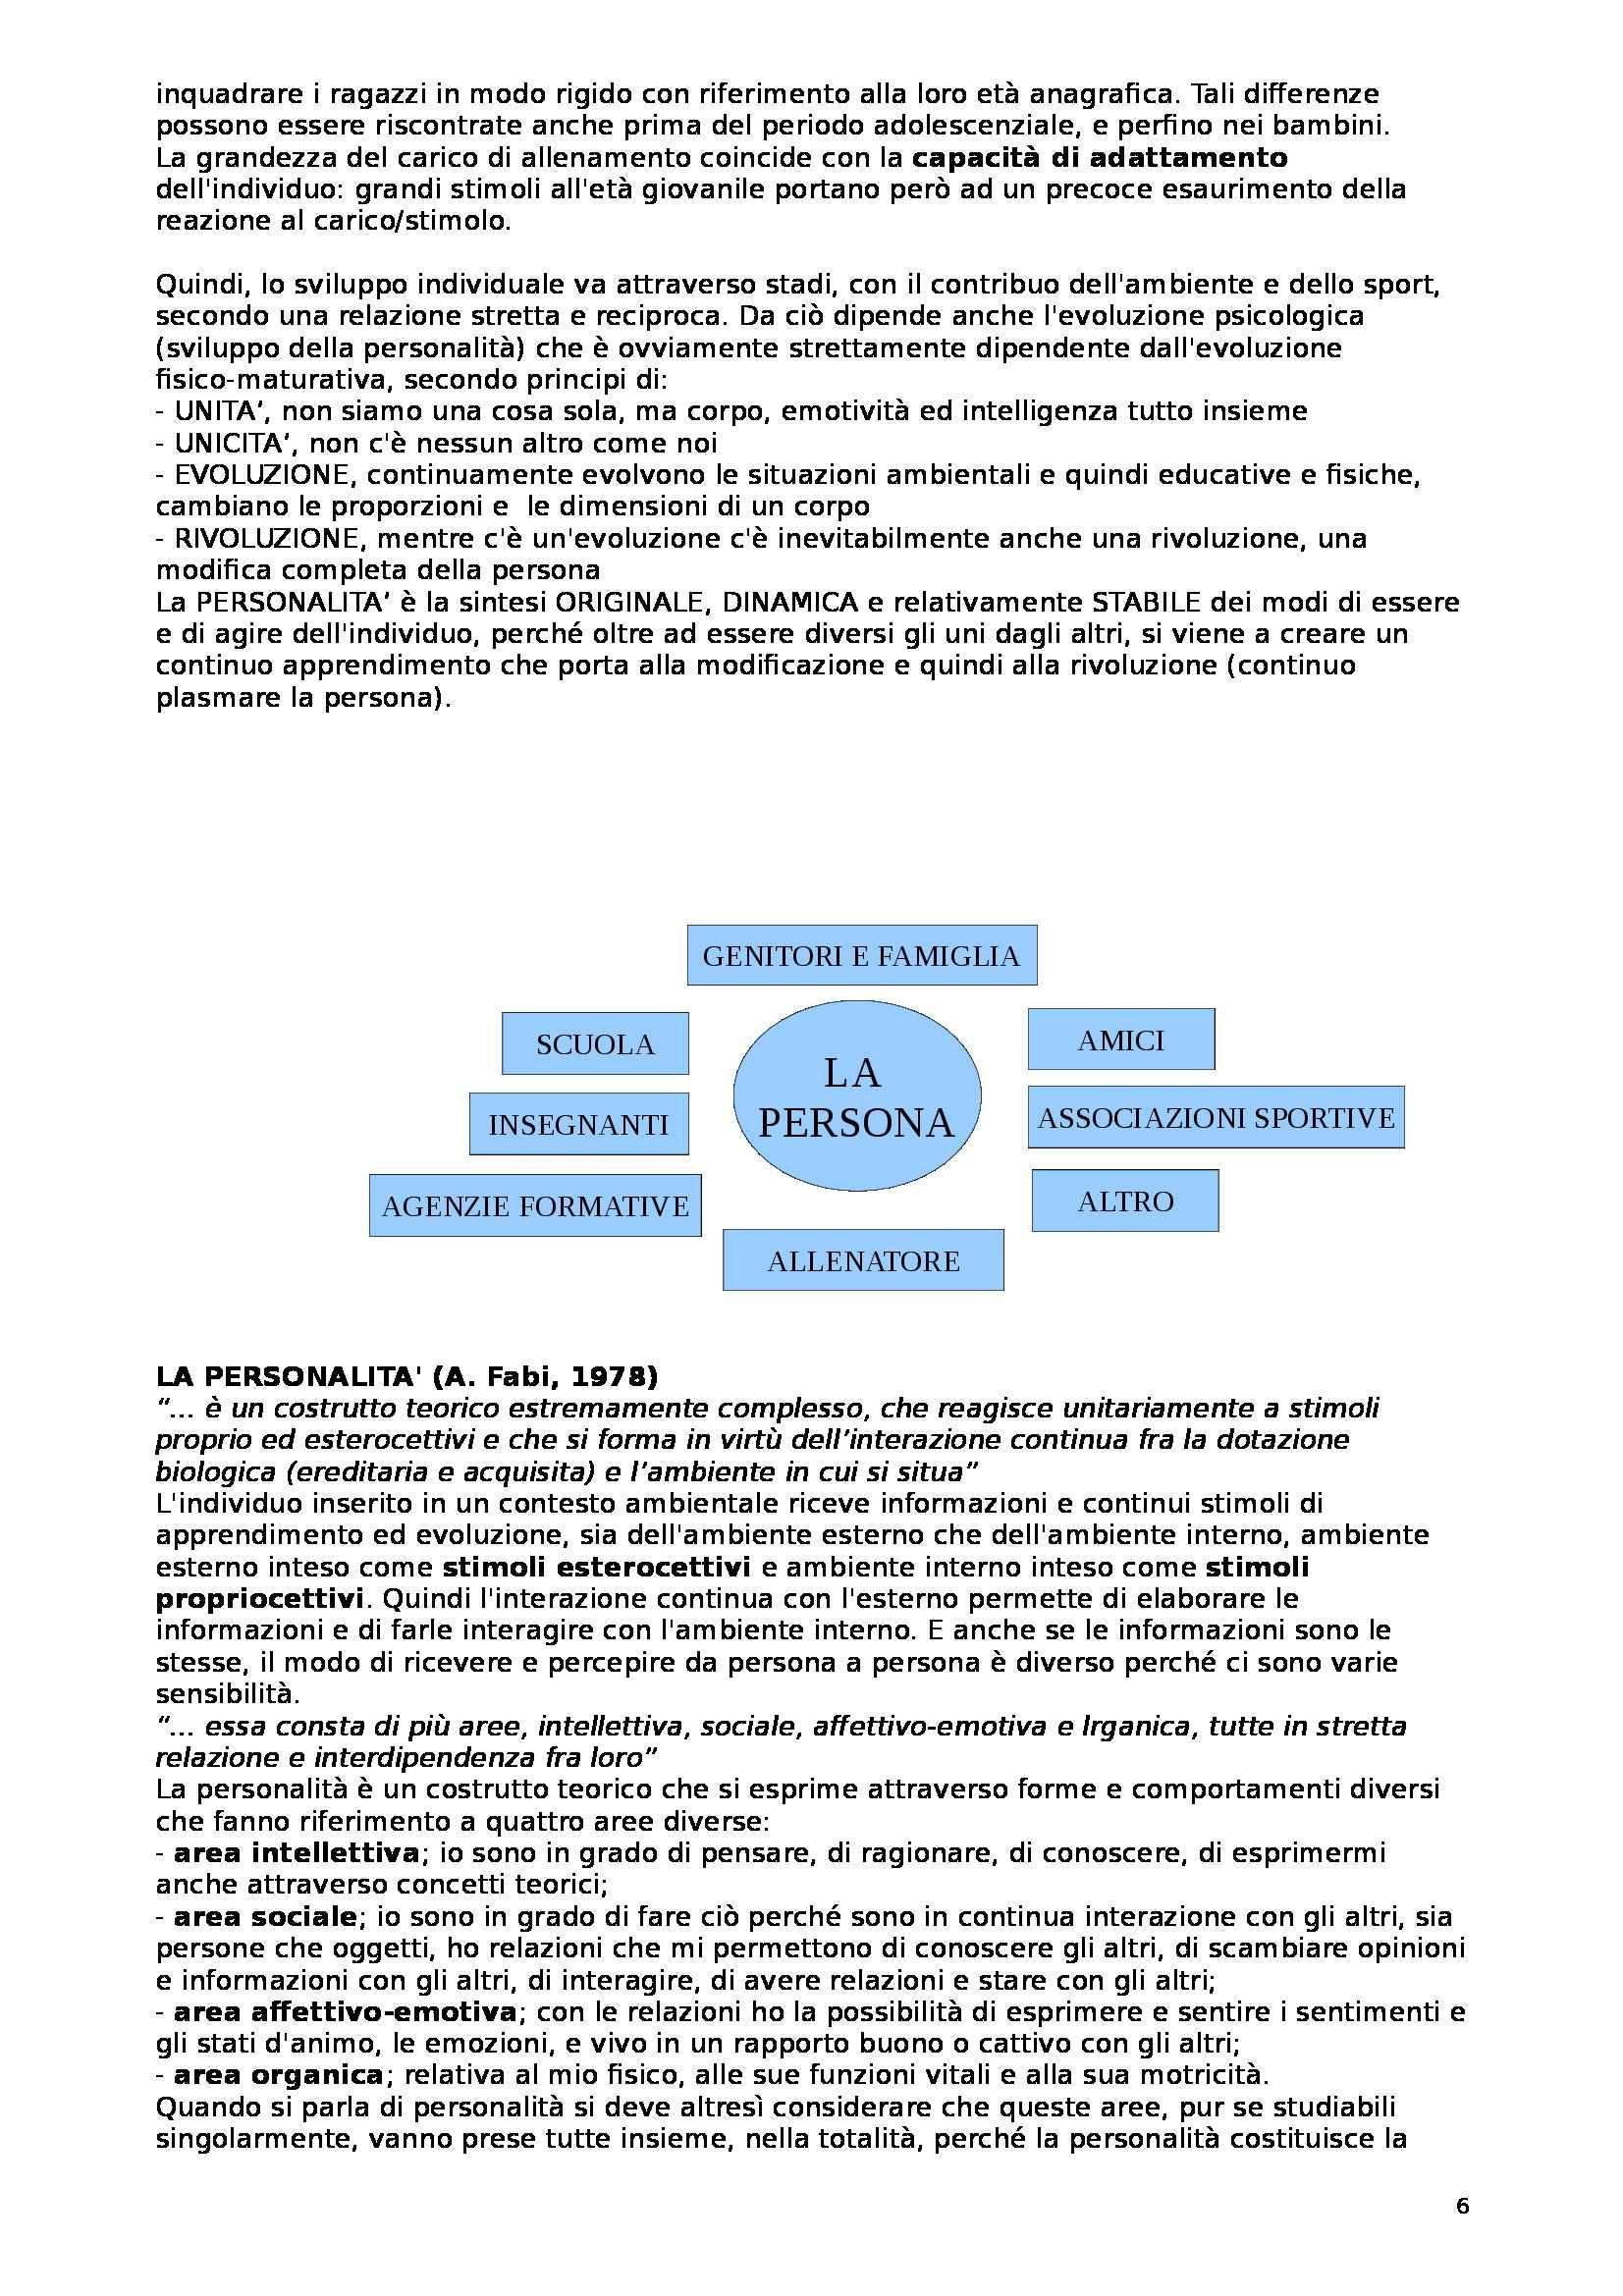 Teoria e metodologia del movimento umano - Appunti Pag. 6